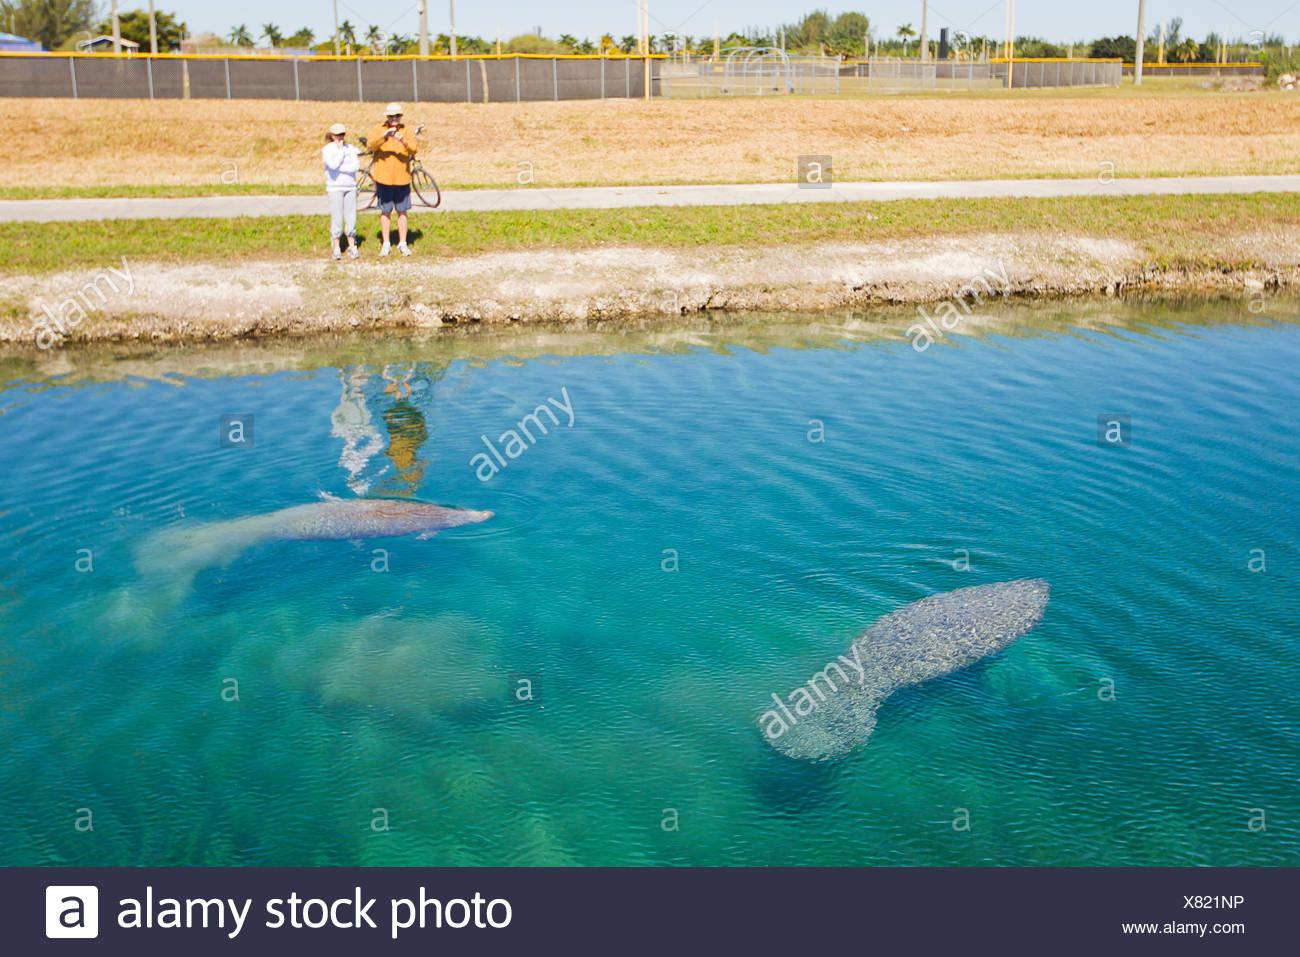 Die Menschen sehen Seekühe in einem Kanal in Homestead schwimmen. Stockbild